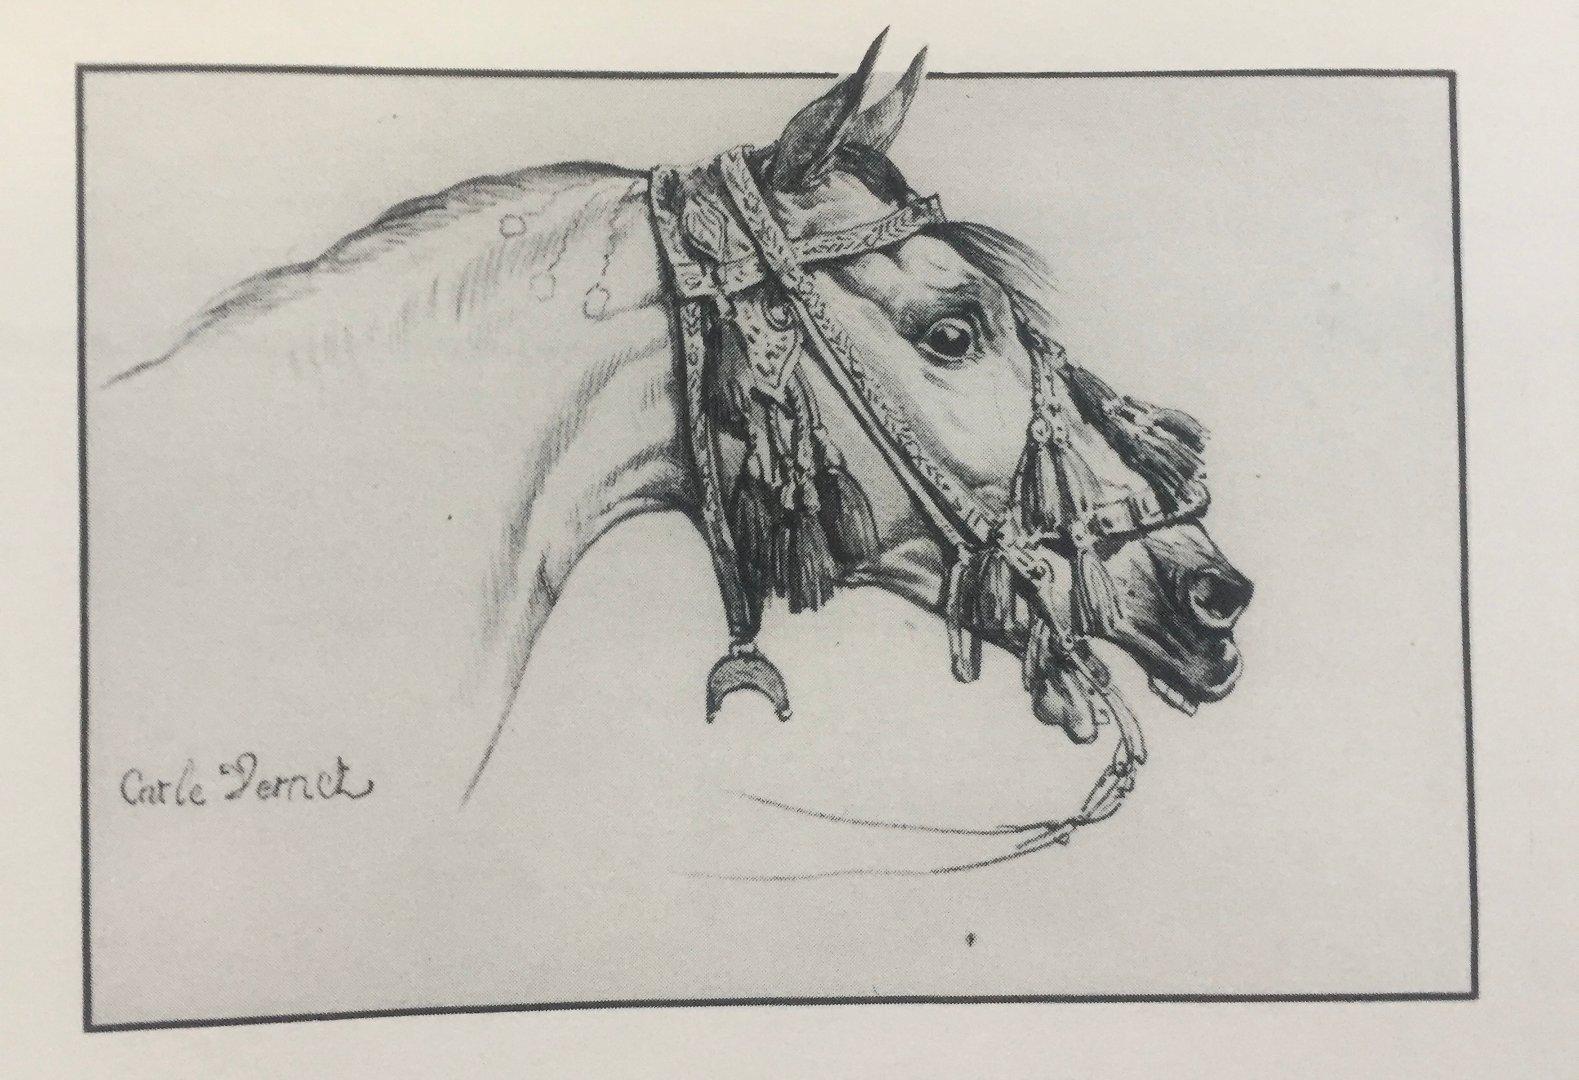 Głowa konia, Carle Vernet, ze zbiorów Biblioteki Narodowej w Warszawie, fot. archiwum